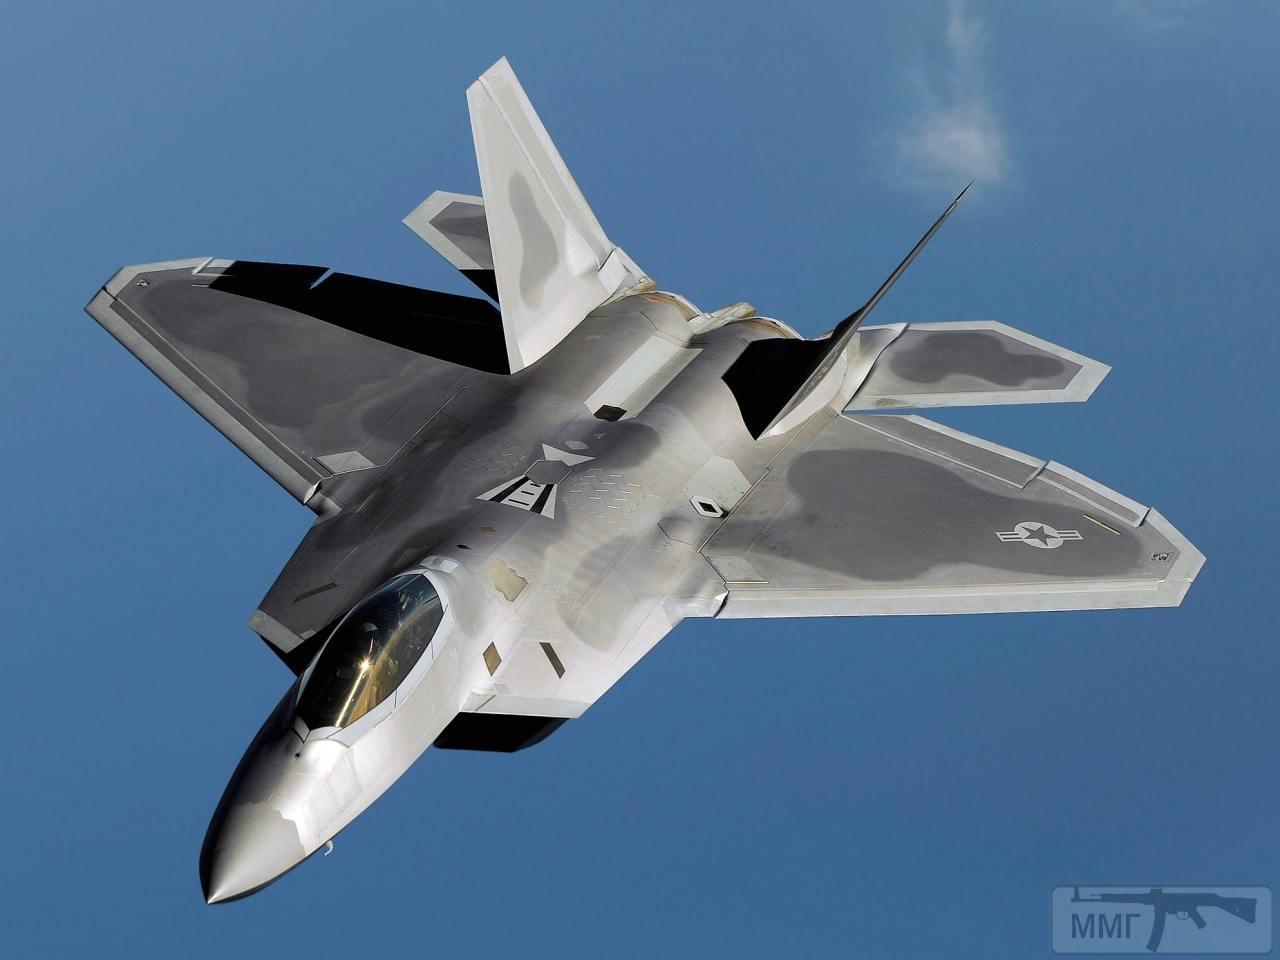 28311 - Красивые фото и видео боевых самолетов